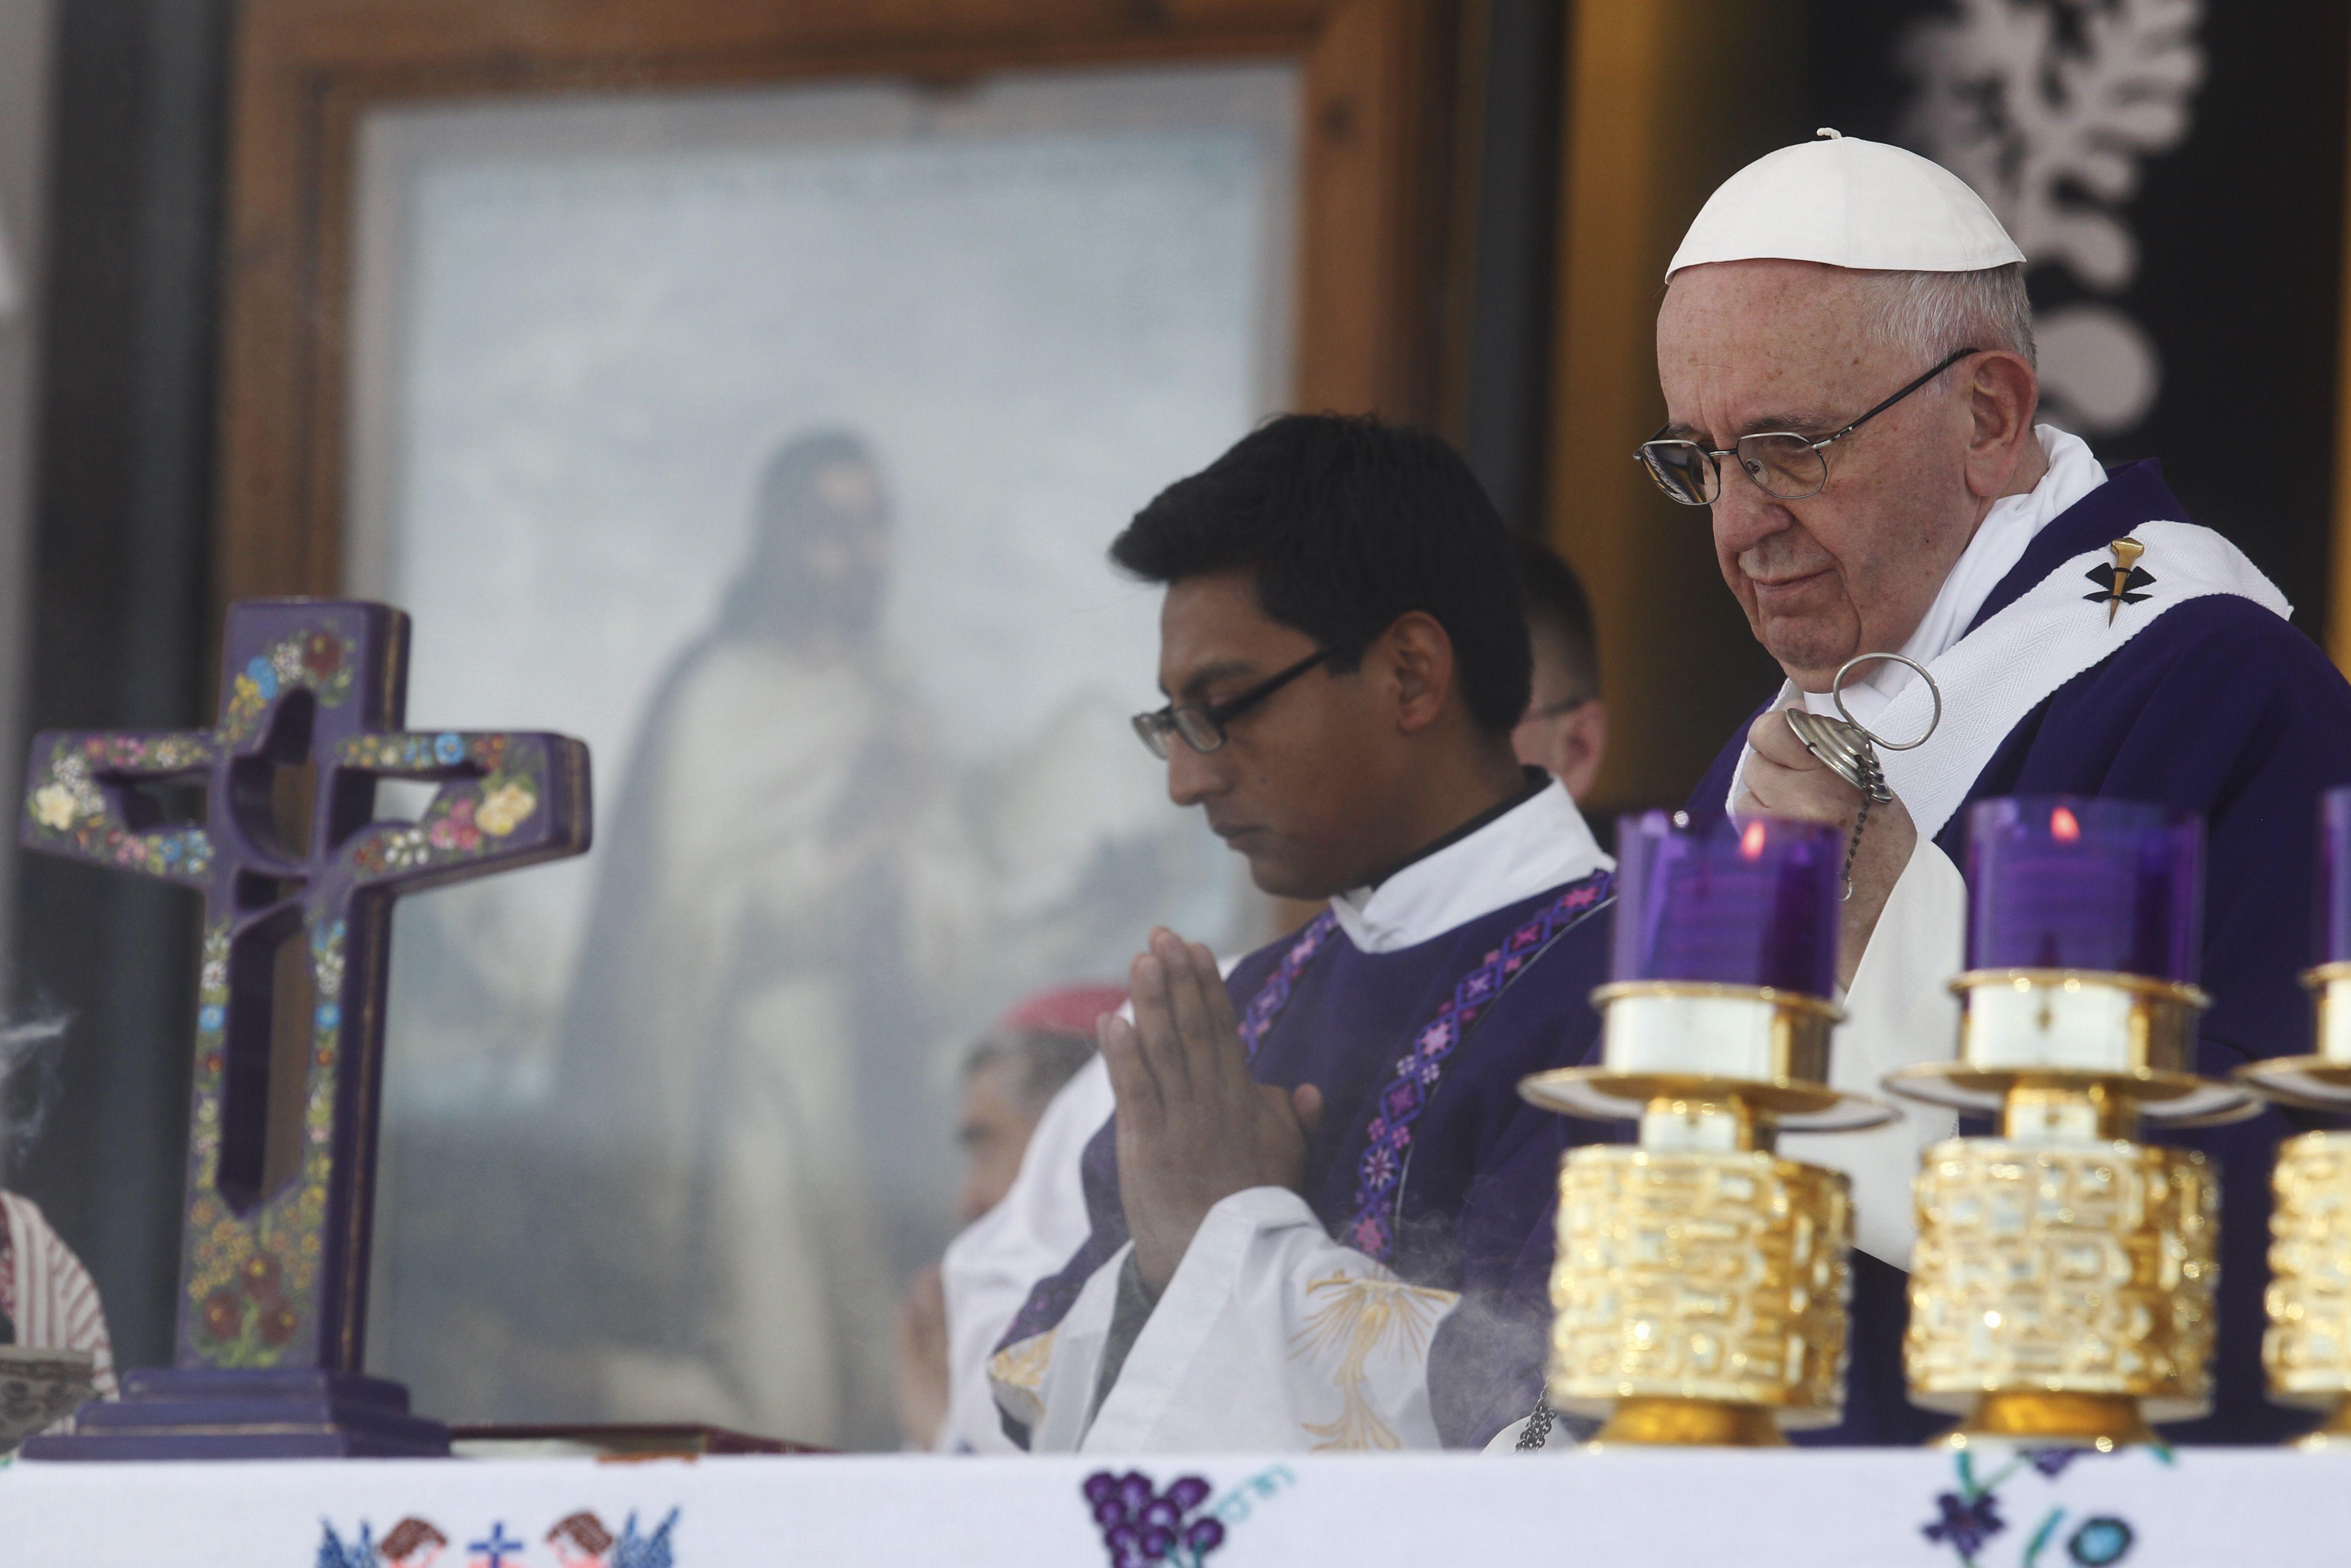 El Papa reclamó por la exclusión de indígenas en la sociedad durante una misa en Chiapas